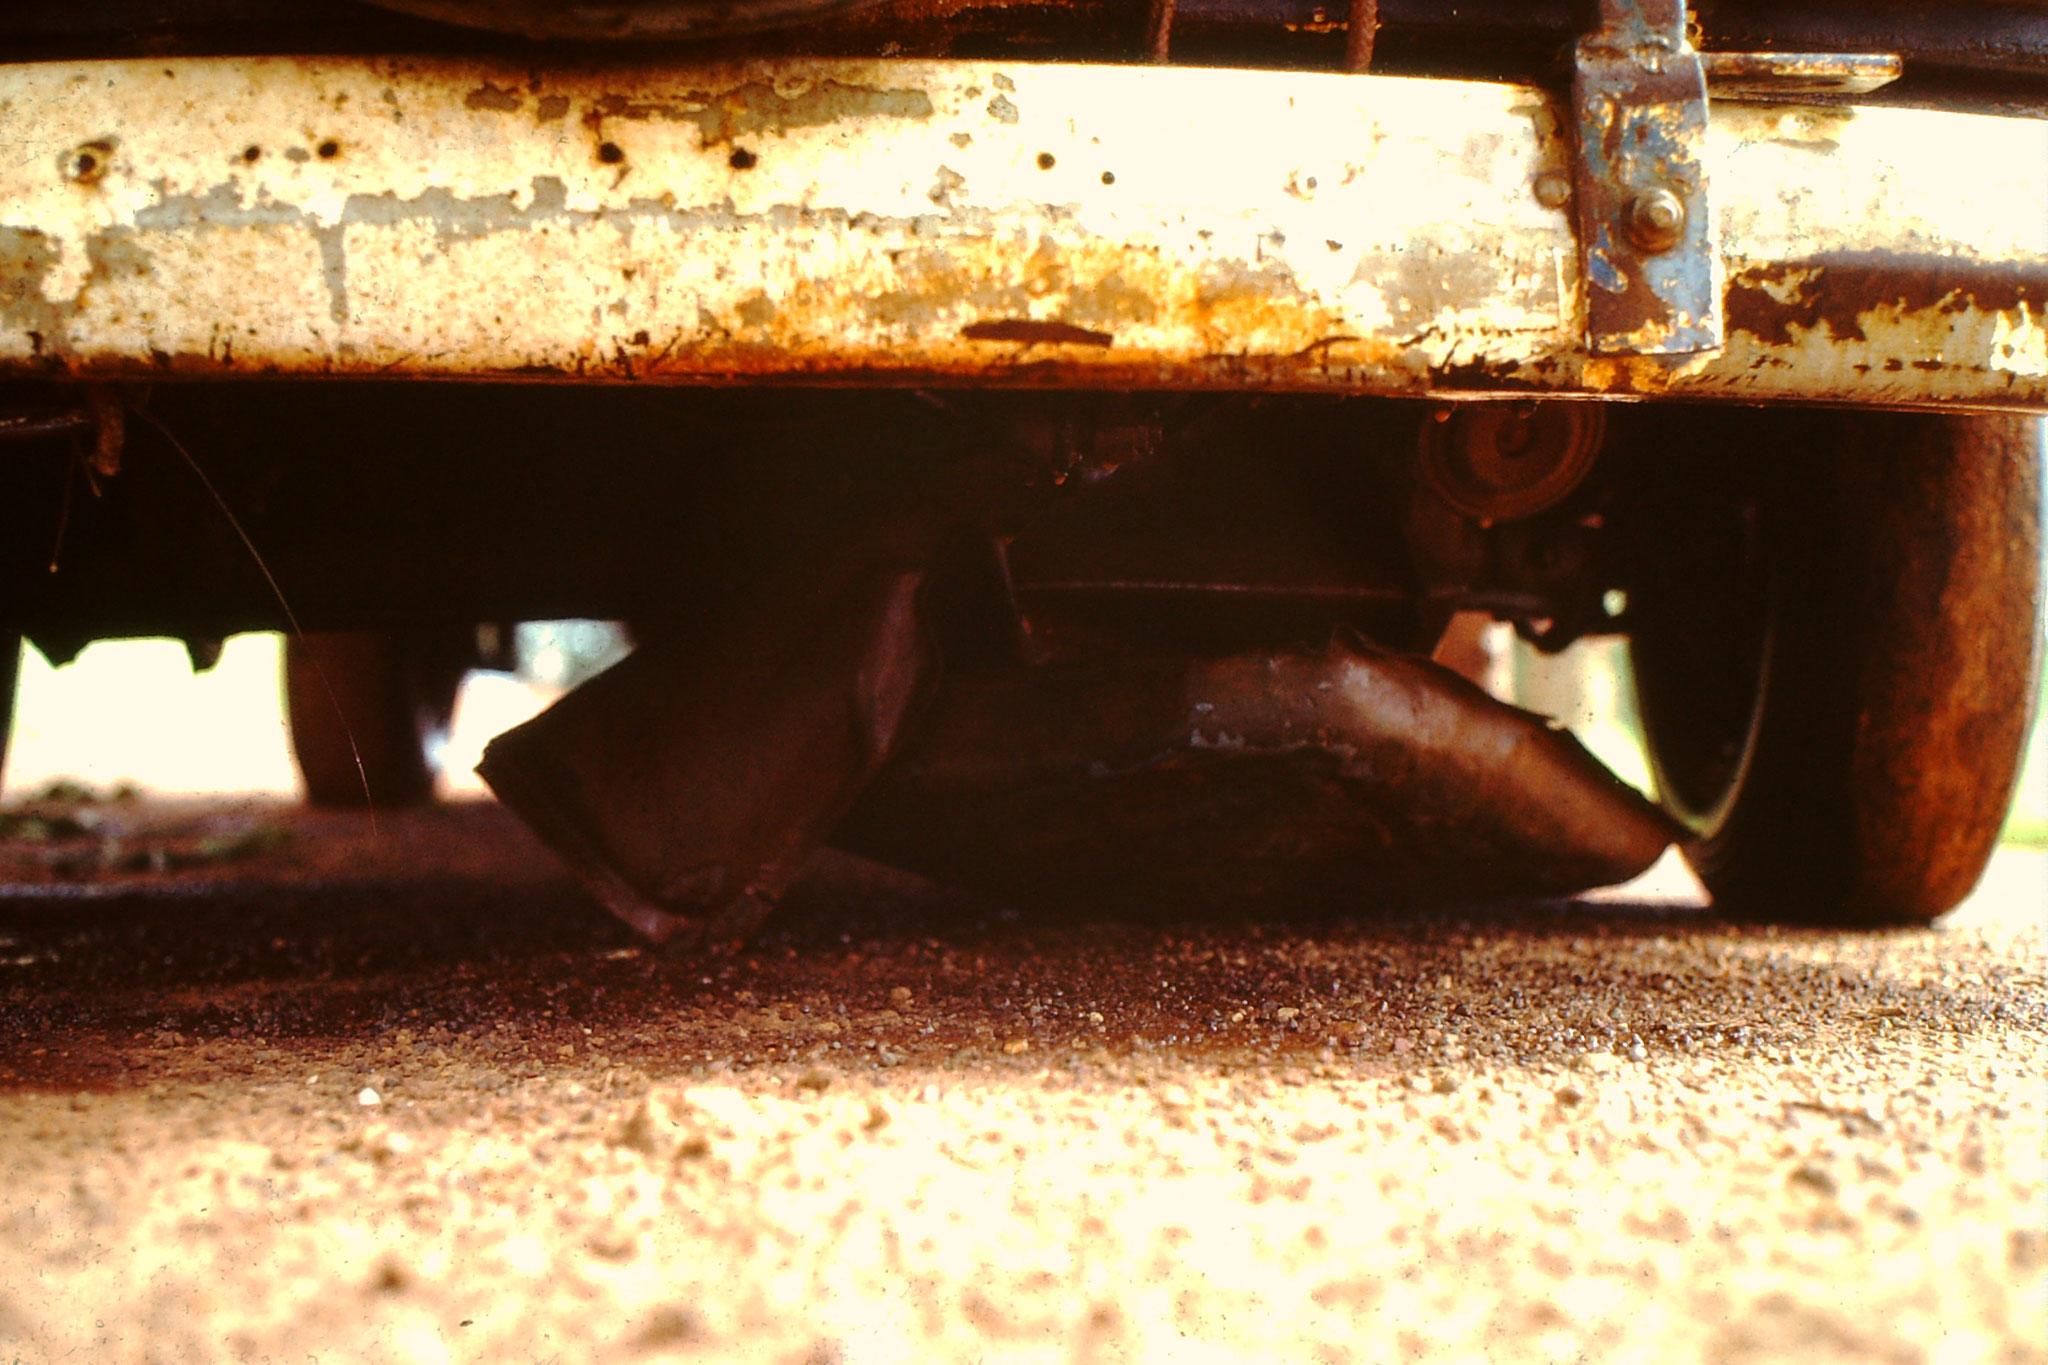 Das Schutzblech unter dem Auto wurde zum wiederholten Mal zerstört.